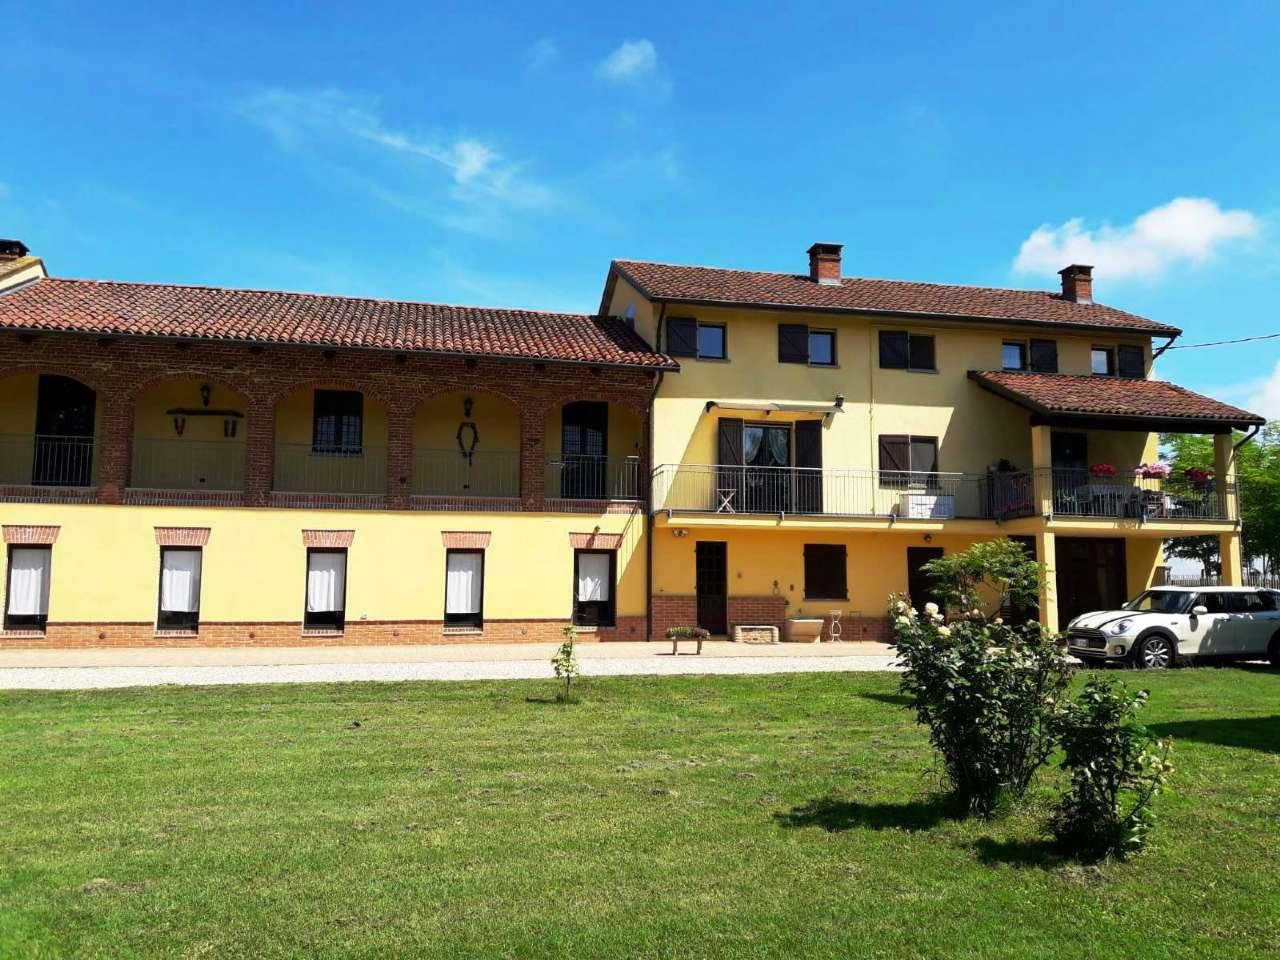 Appartamento in affitto a Villanova d'Asti, 1 locali, prezzo € 380 | CambioCasa.it